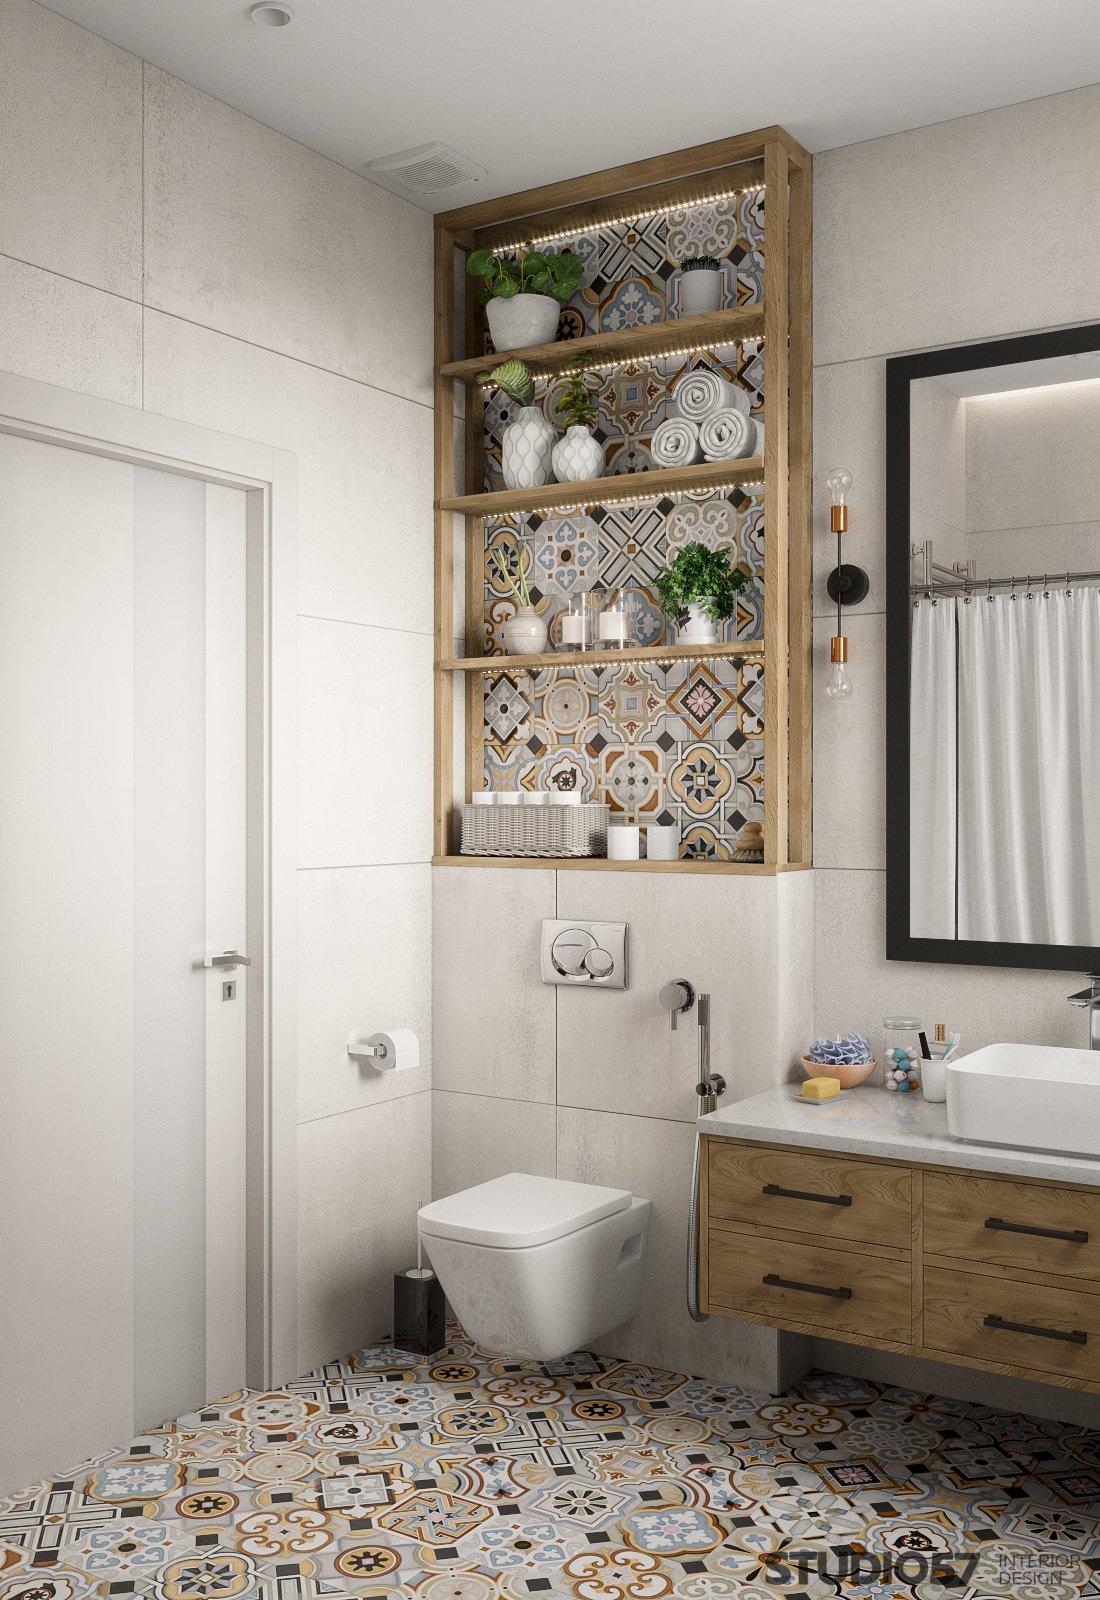 Original bathroom interior in Contemporary style photo